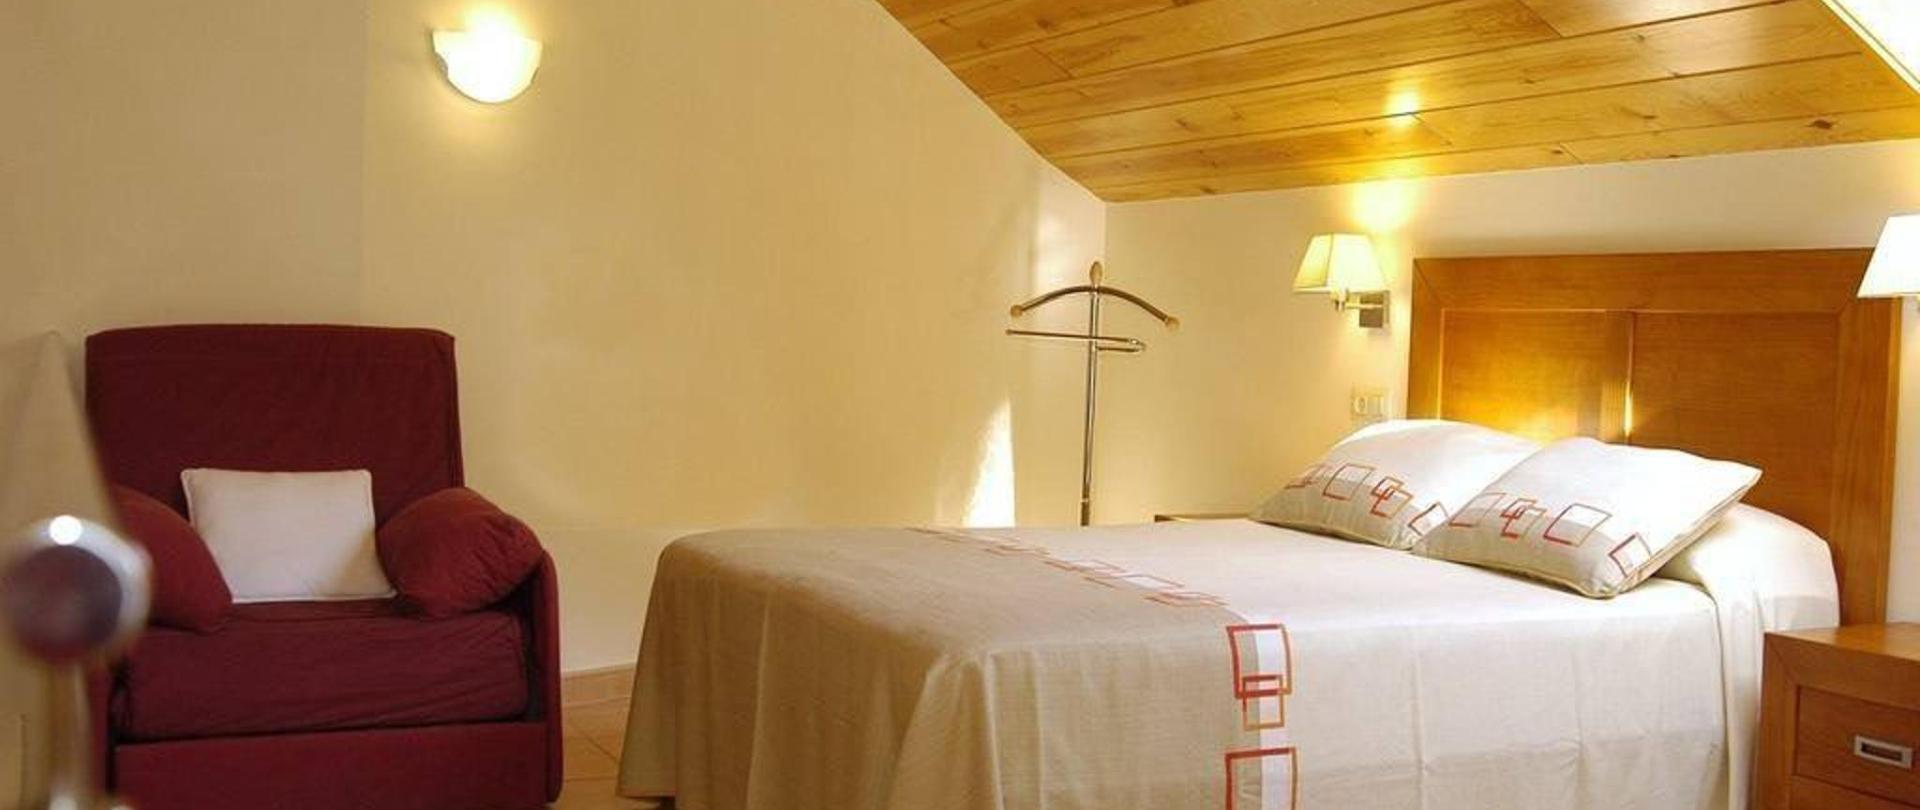 dormitorio4-1-1.JPG